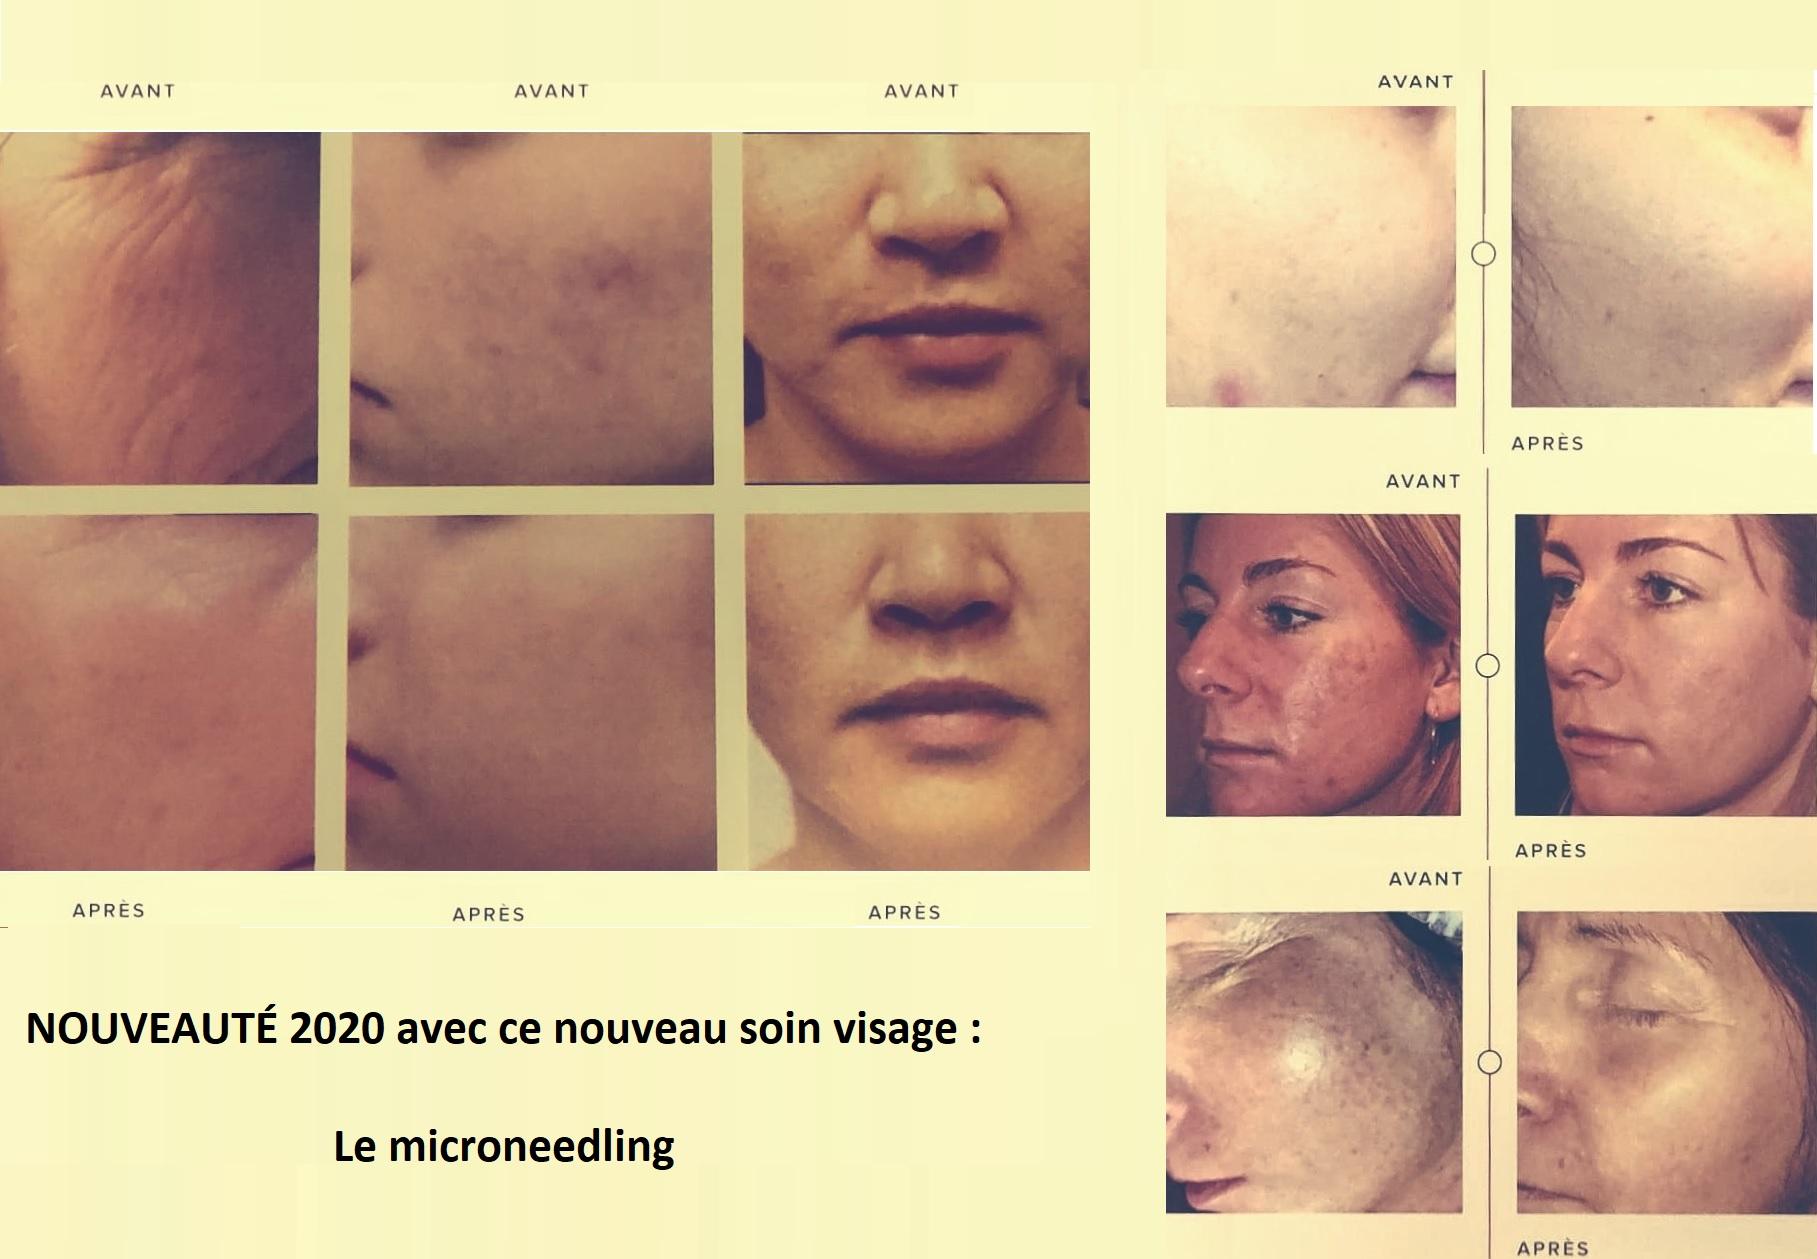 NOUVEAUTÉ 2020 Le microneedling Cette méthode indolore consiste à créer des micro-perforations invisibles à l'œil nu grâce à des micro-aiguilles en titane (non allergène).